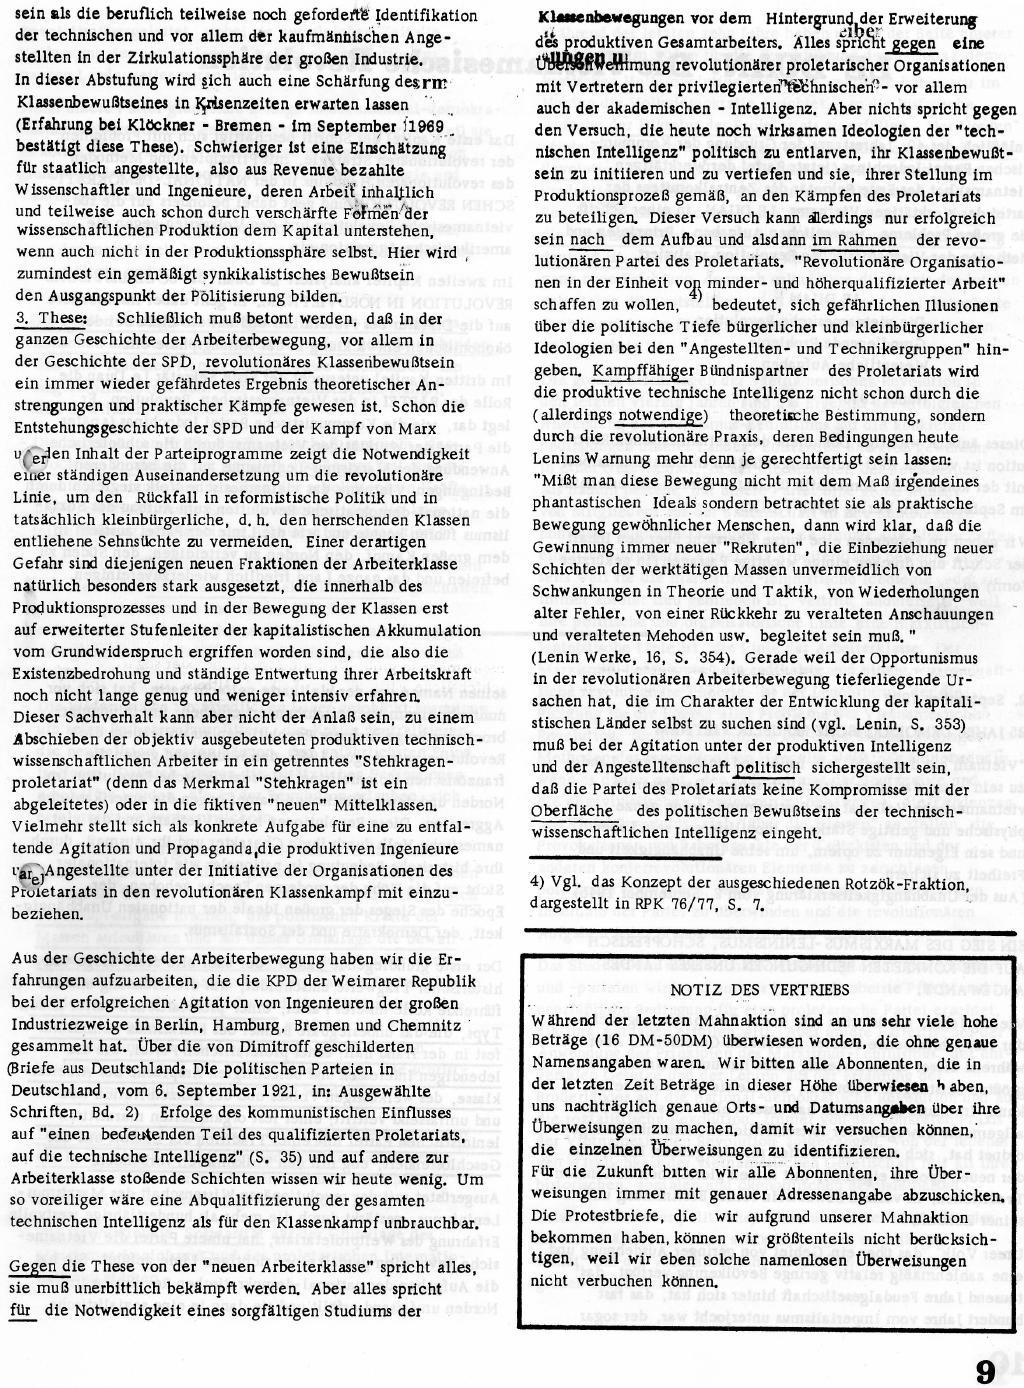 RPK_1970_078_09